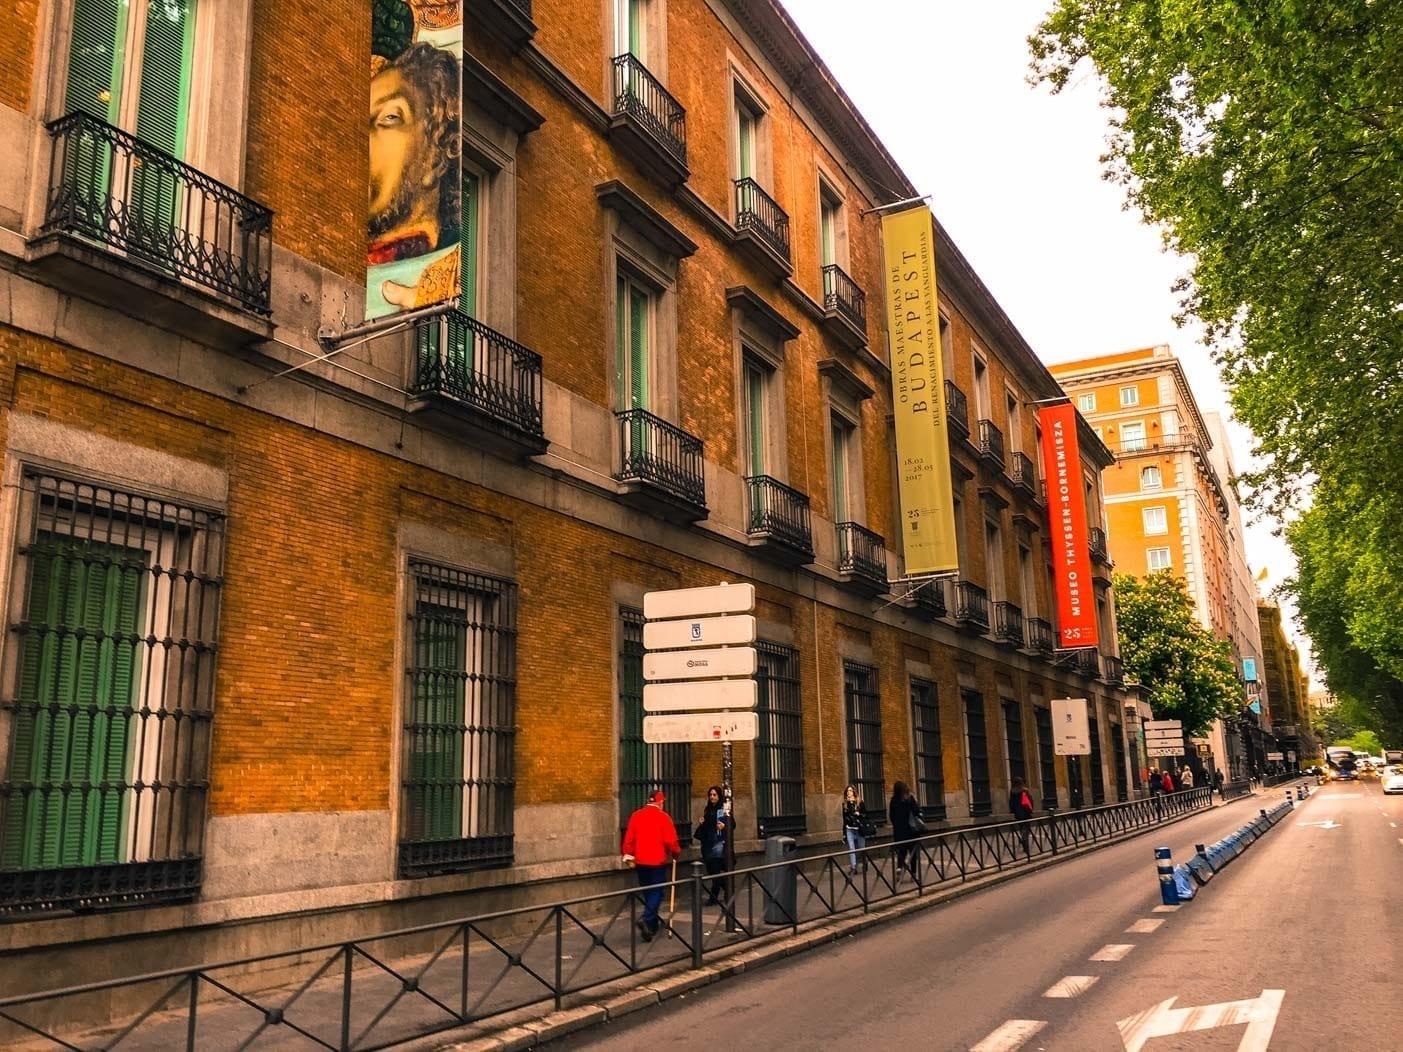 Thyssen-Bornemisza museum of Madrid